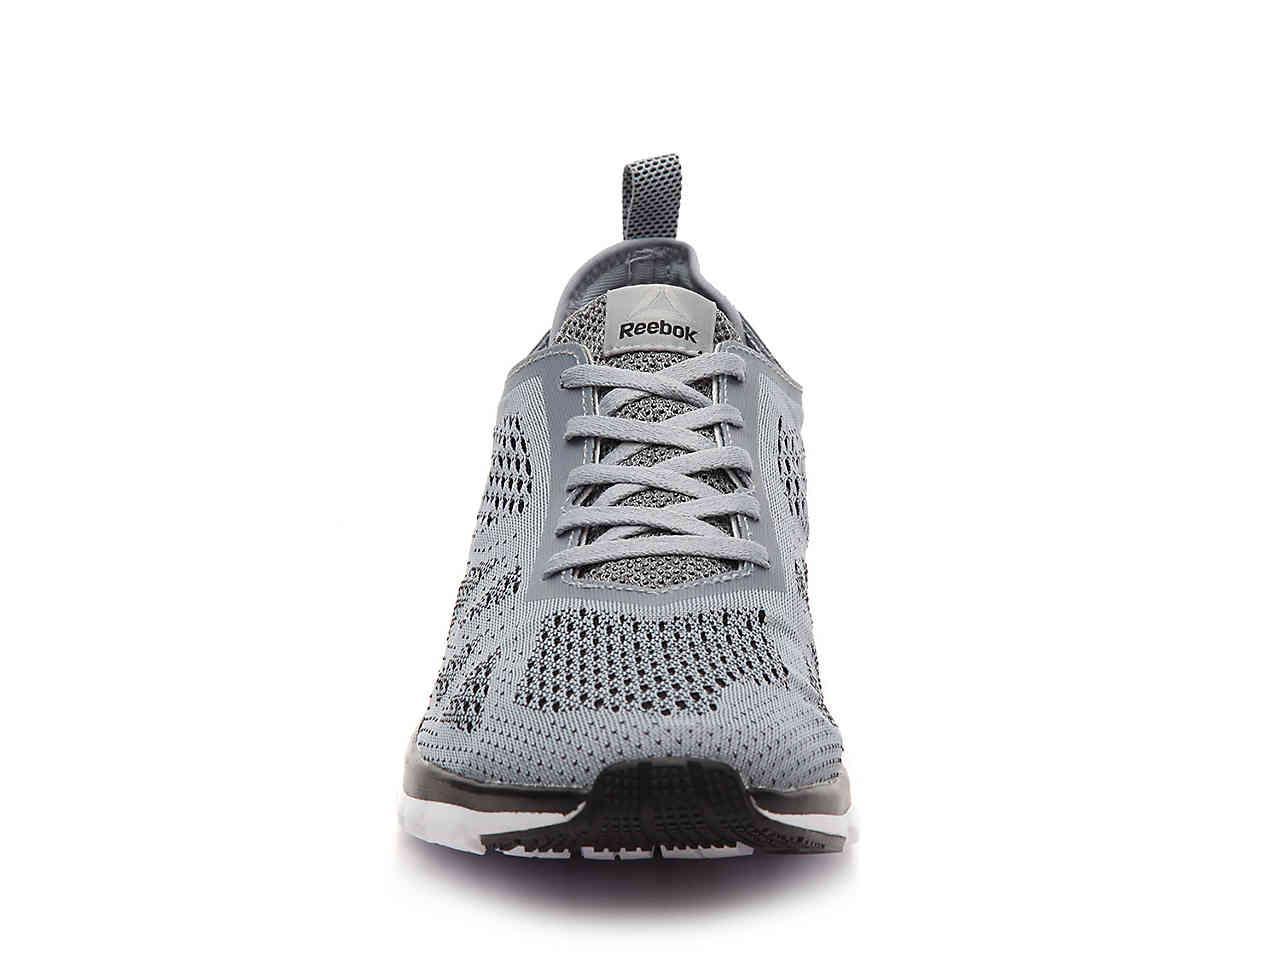 Lyst - Reebok Zprint Run Smooth Lightweight Running Shoe in Gray for Men a6ac469ee